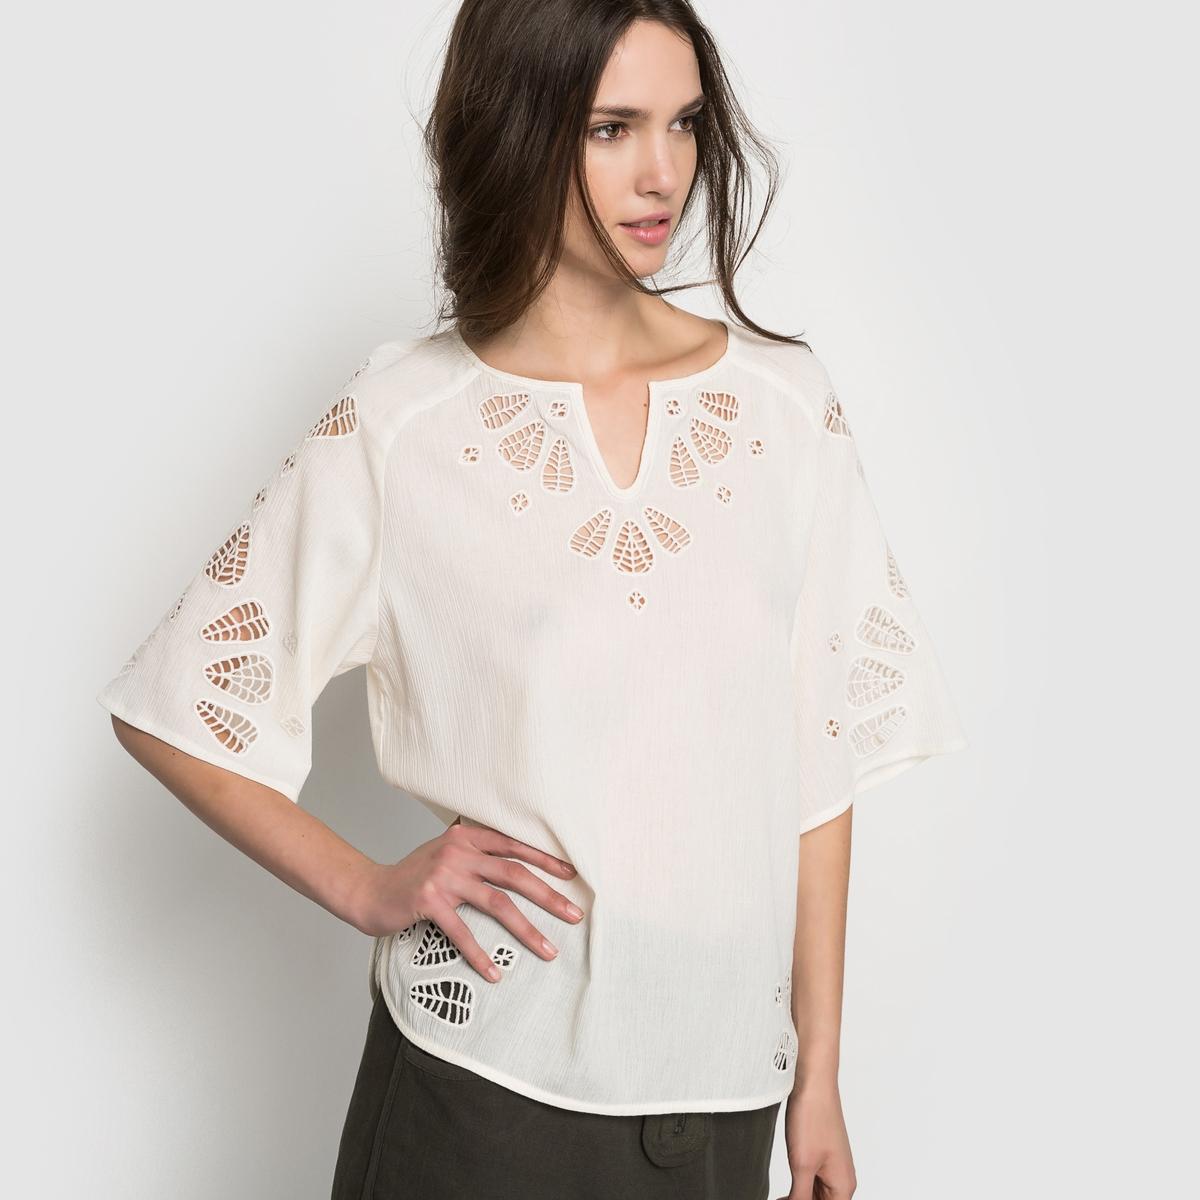 Блузка с рукавами 3/4Блузка. 100% хлопка. Отделка шитьем на воротнике, на рукавах и по краям. Рукава 3/4 . Длина 60 см. .<br><br>Цвет: белый<br>Размер: 38 (FR) - 44 (RUS)